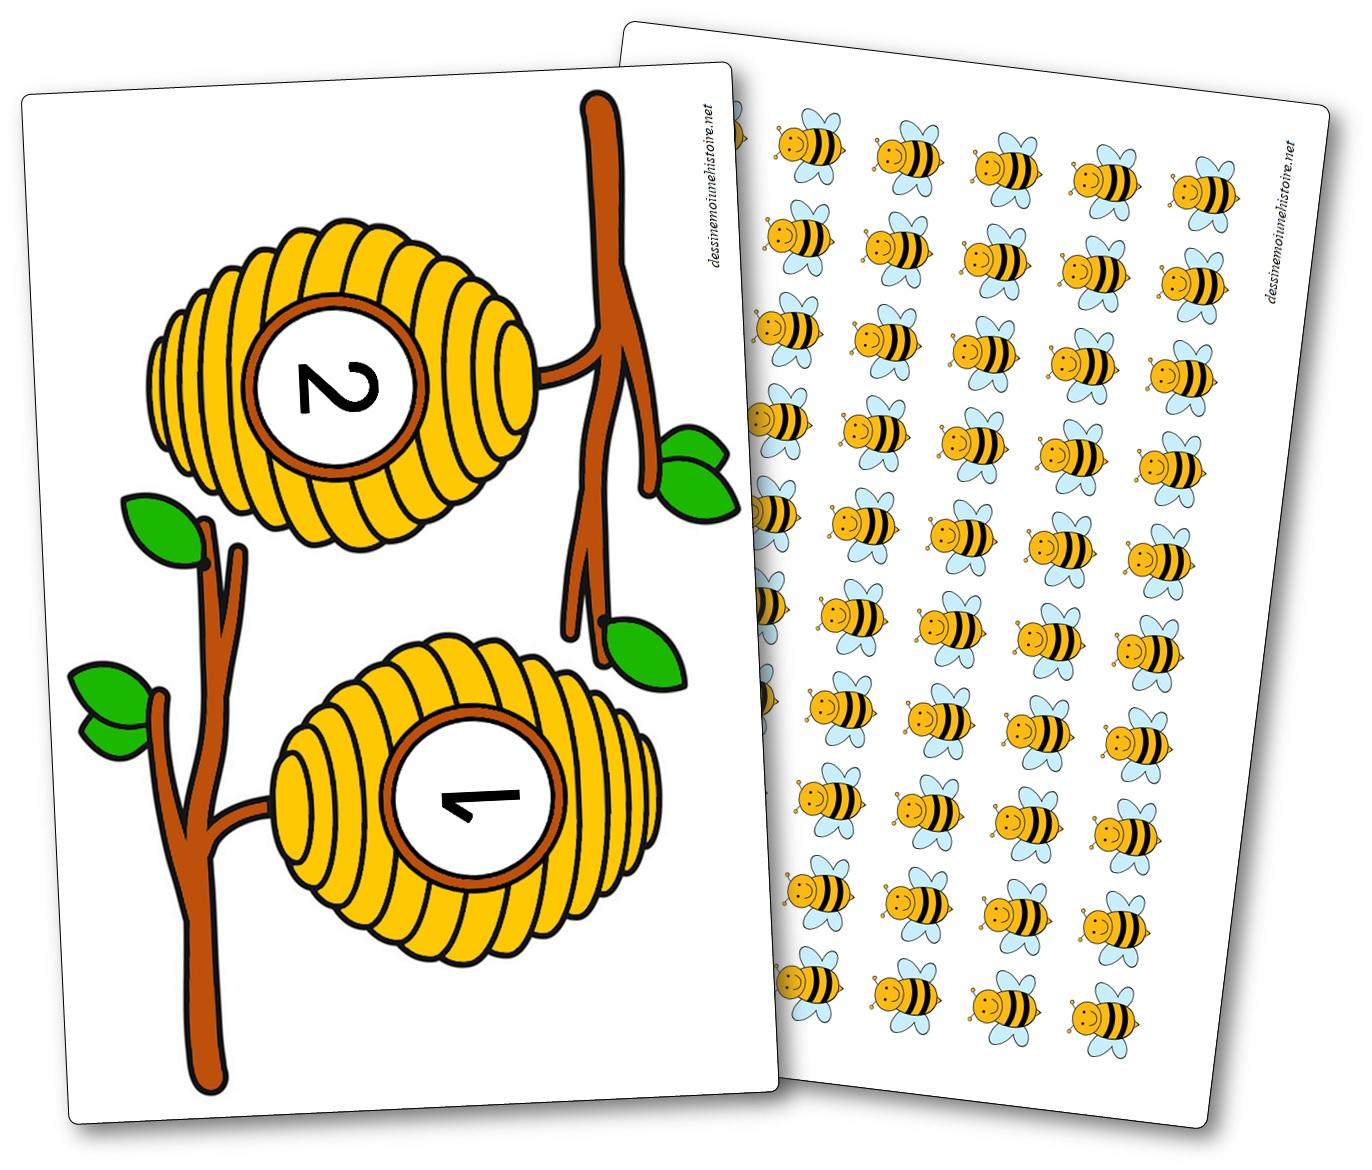 Les abeilles et les ruches jeu mathématiques à imprimer, Jeu numération abeilles, jeu mathématiques abeilles